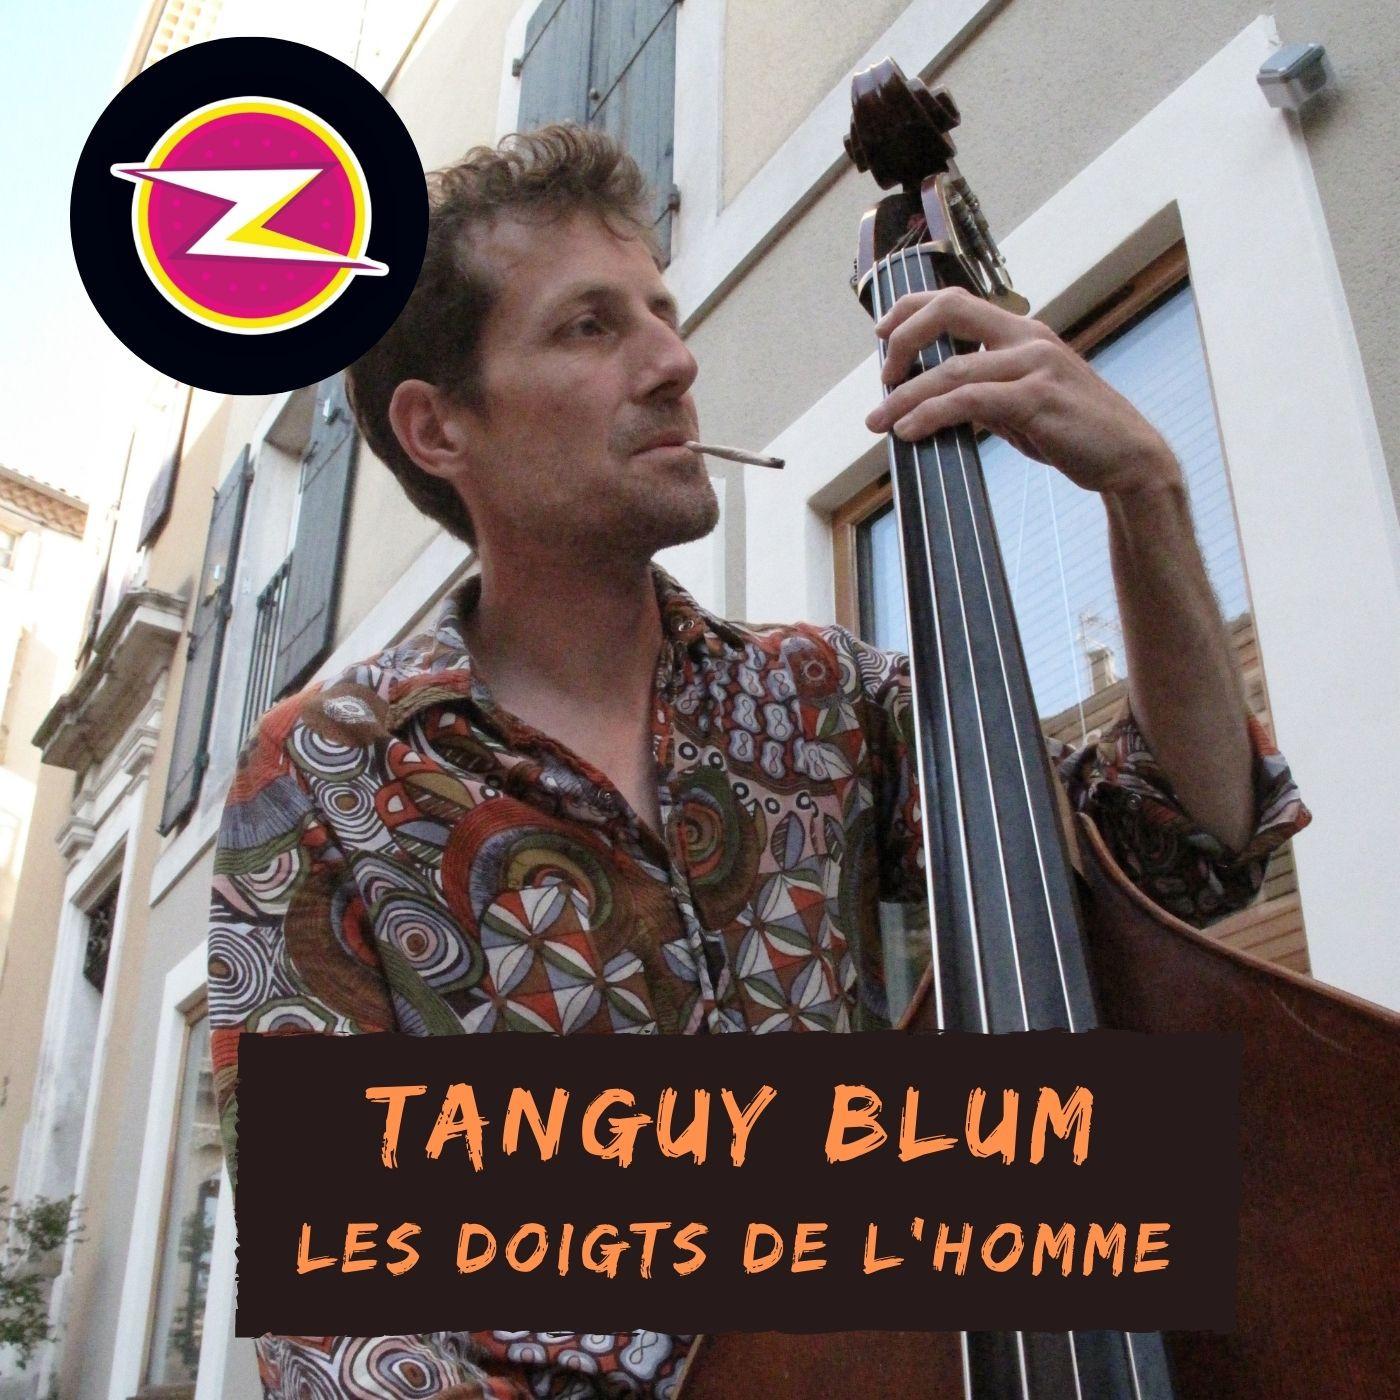 Tanguy Blum - Les Doigts de l'homme